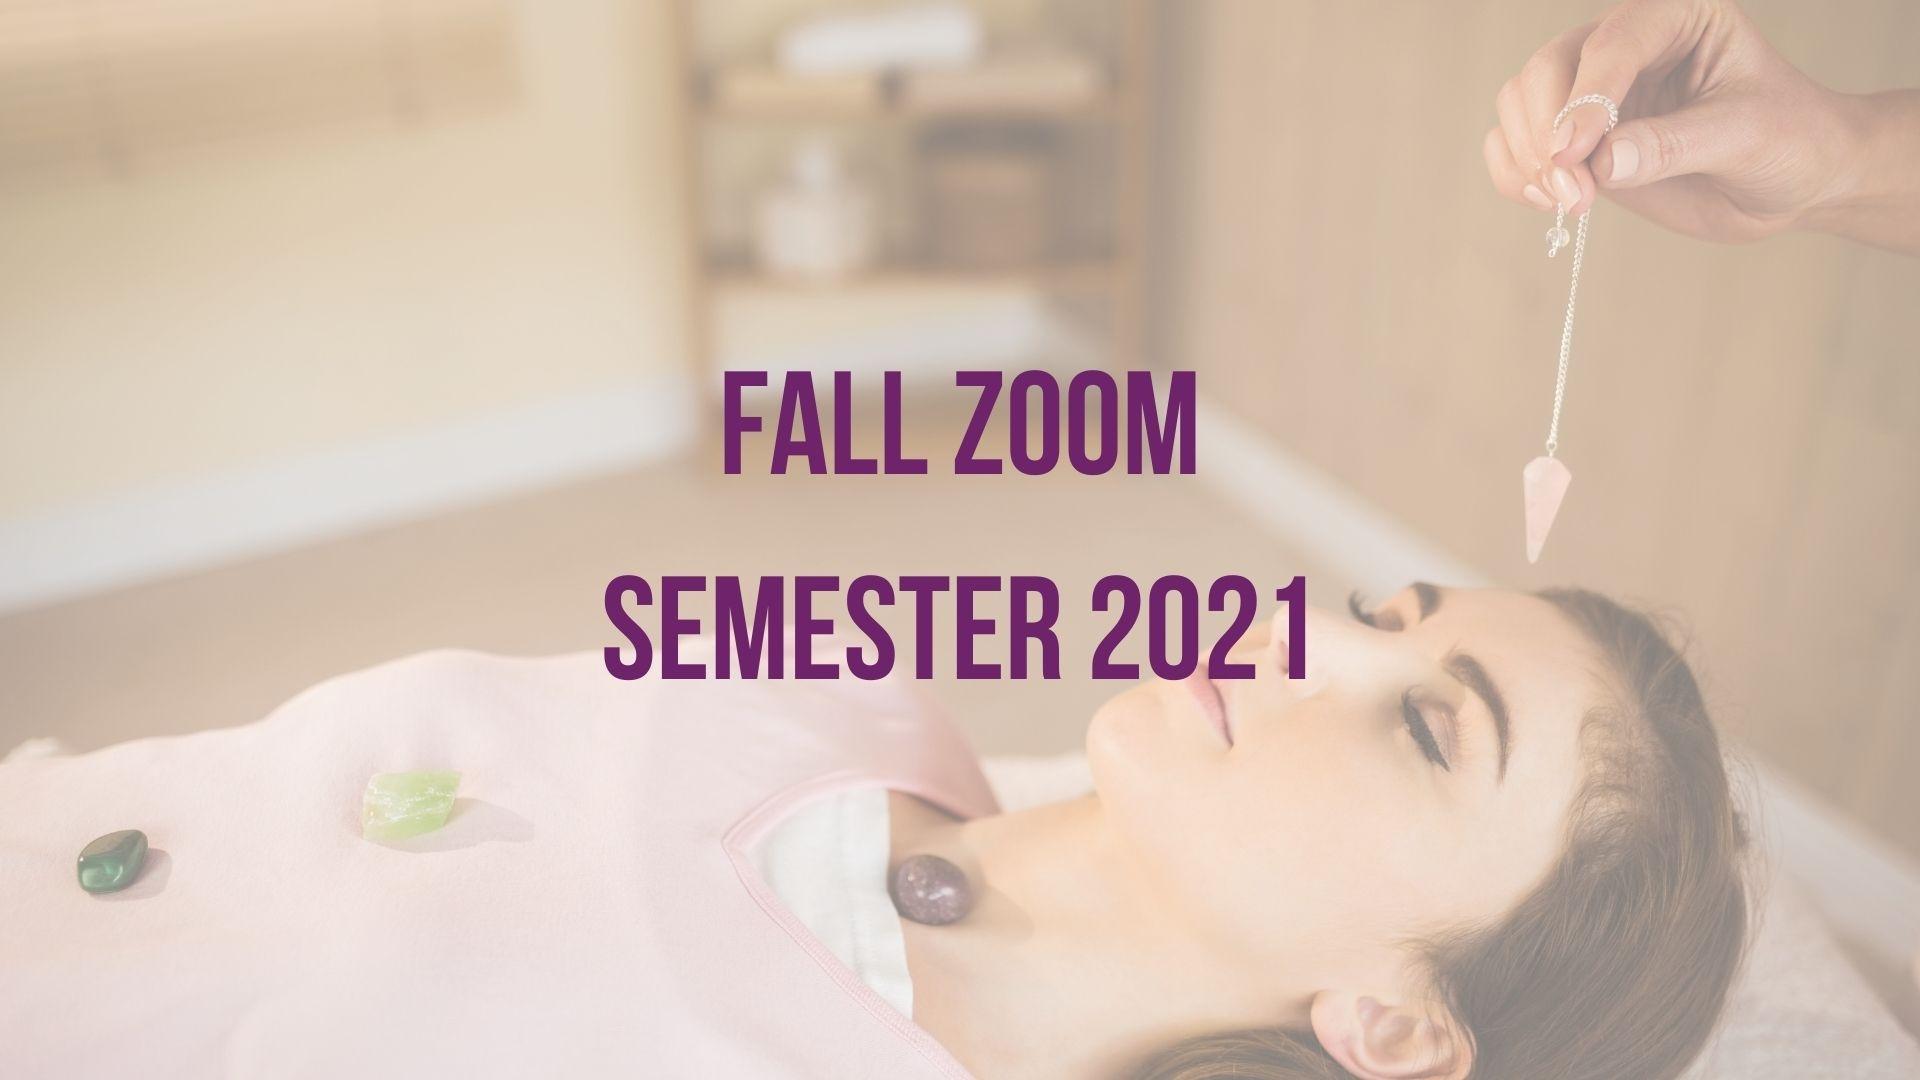 Fall Zoom Semester 2021